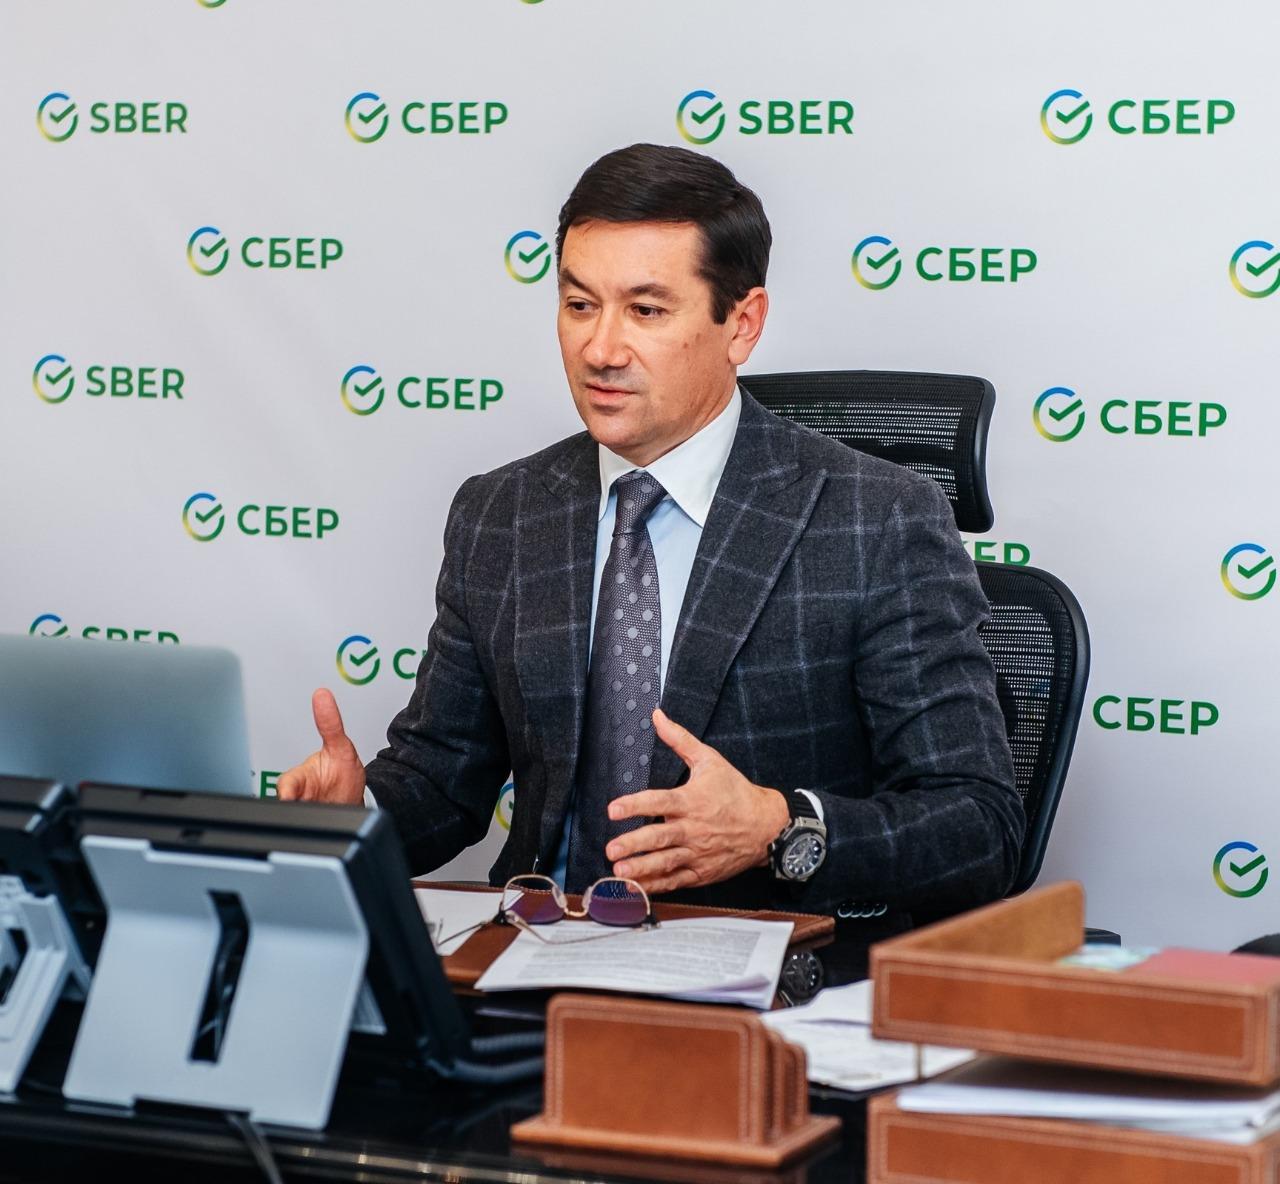 Евгений Титов: «В 2020 году Сбер полностью реализовал финансовую стратегию»